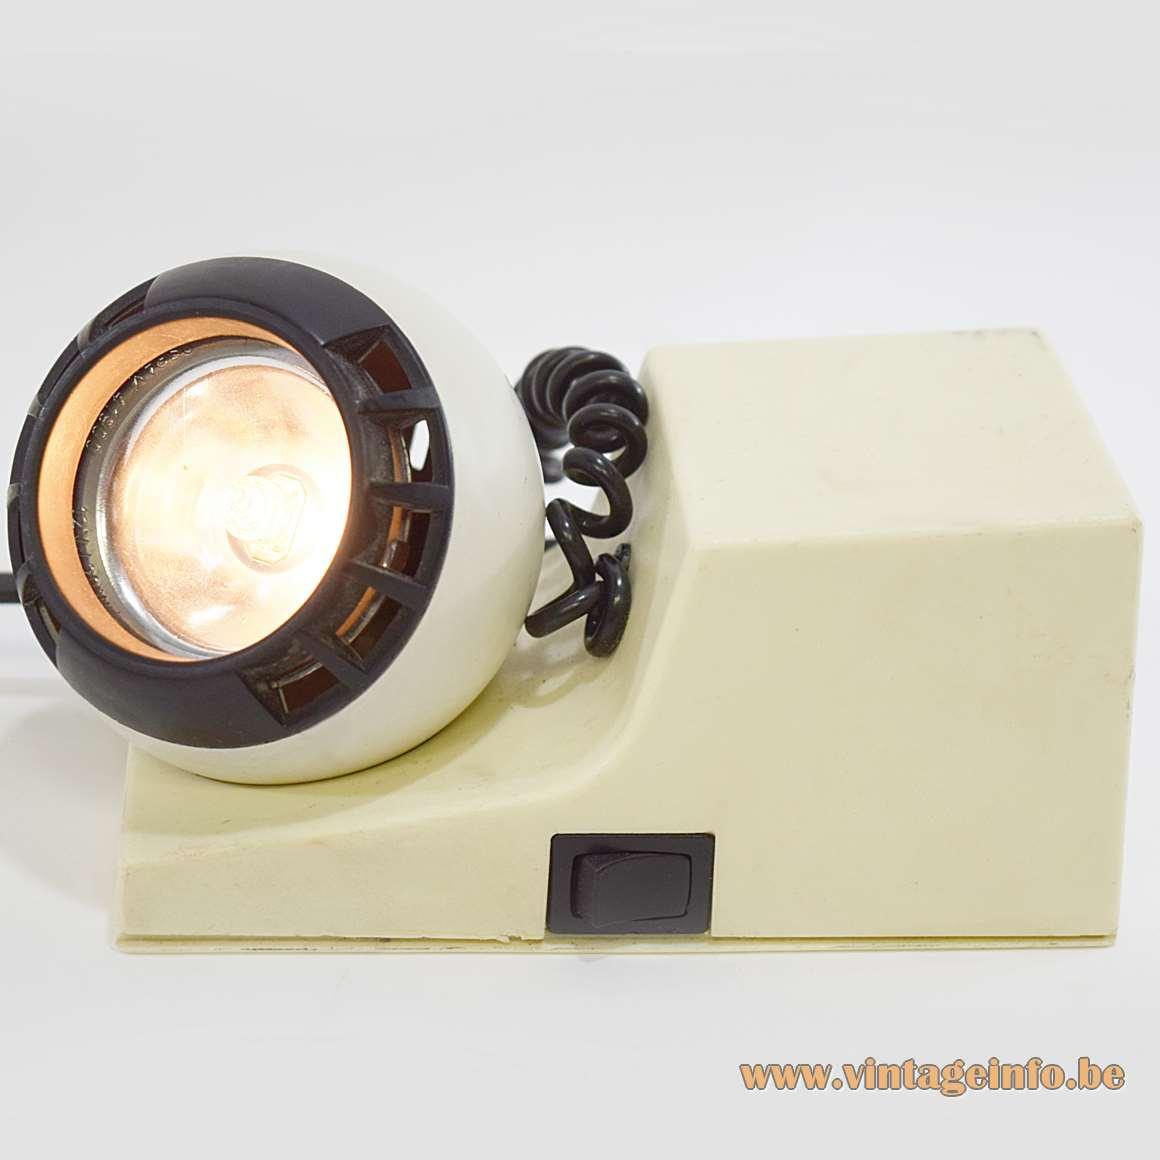 Osram Minispot - Osram Minispot model 41701 - 1972 - Osram Design